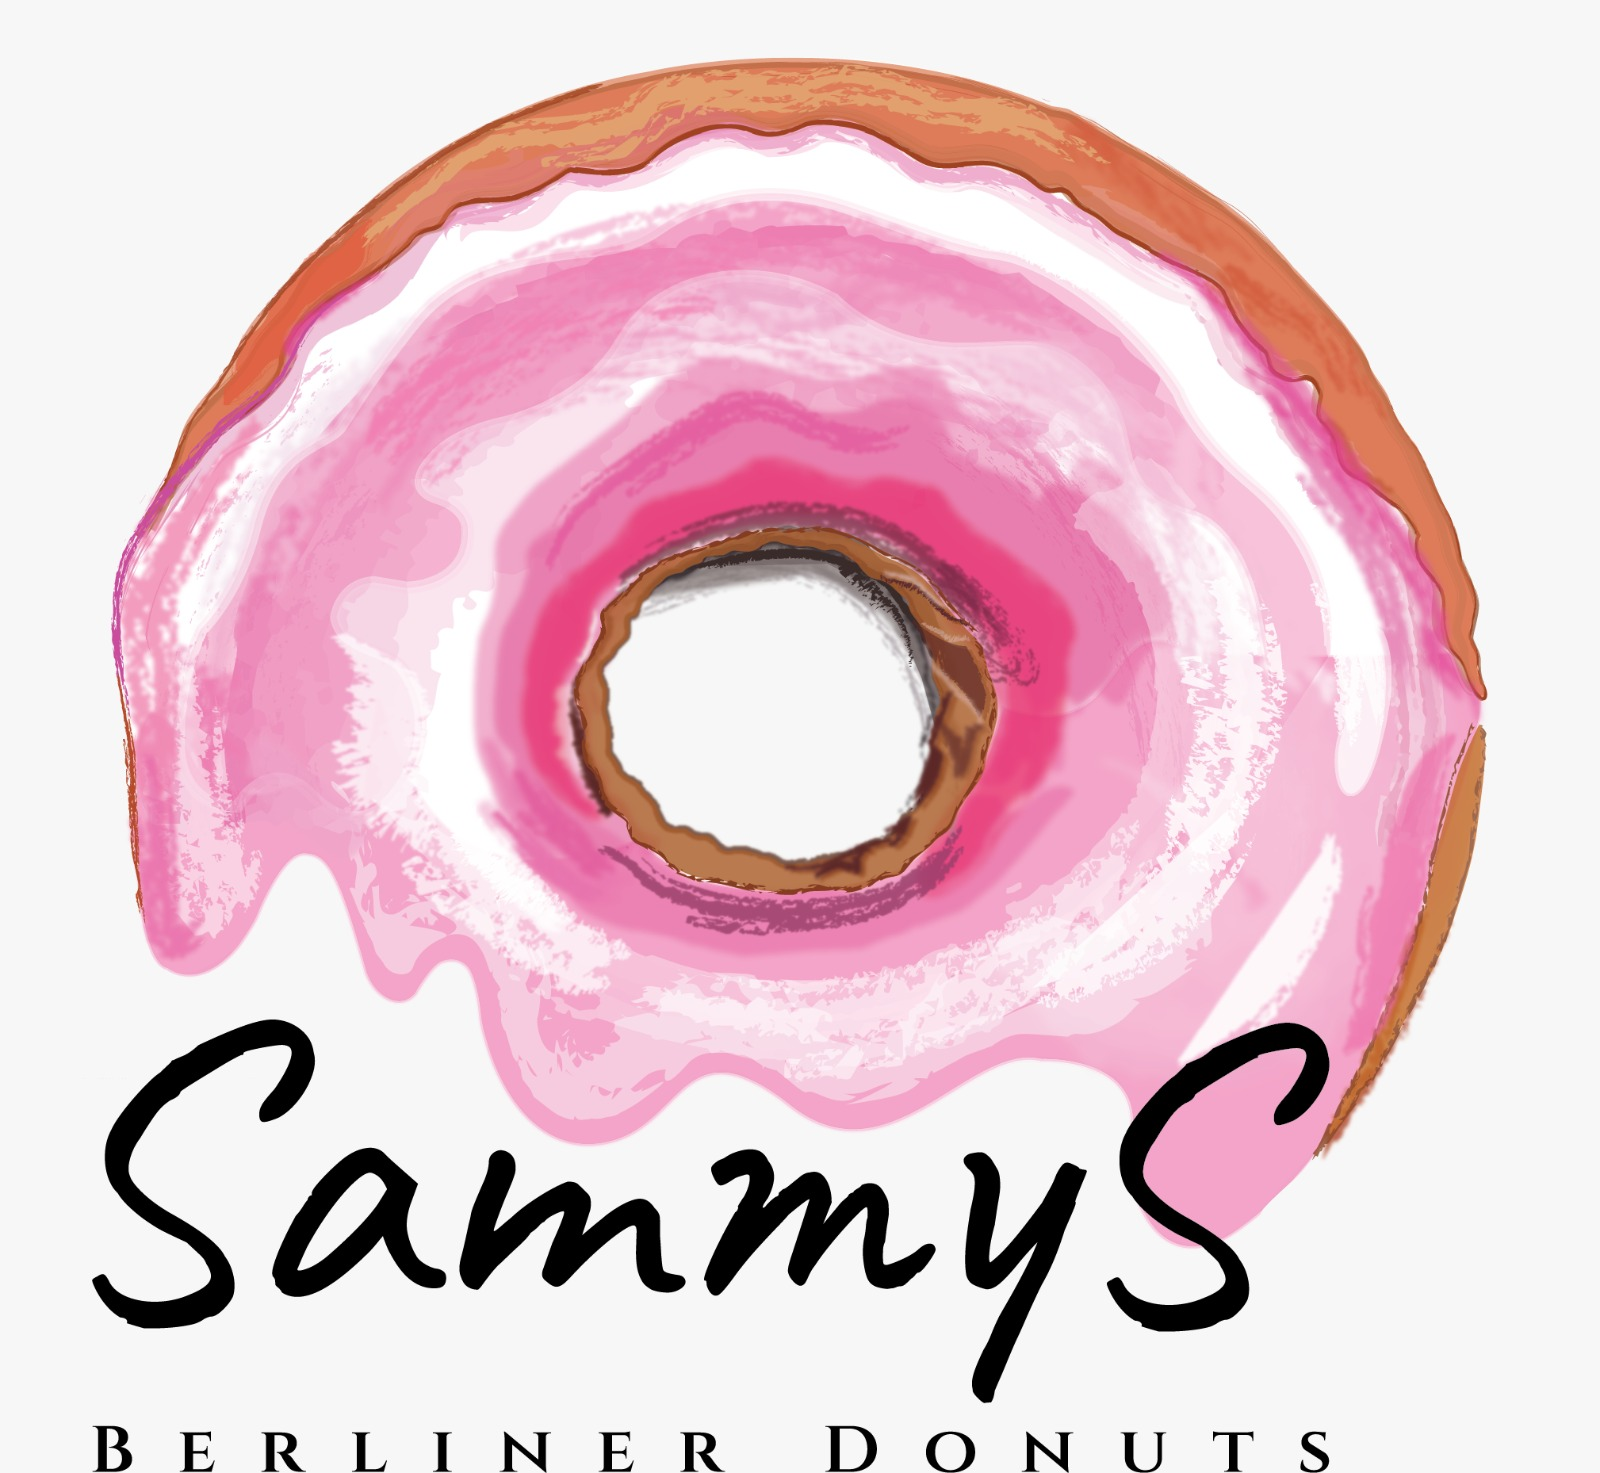 Wort-/Bildmarke: SammyS BERLINER DONUTS